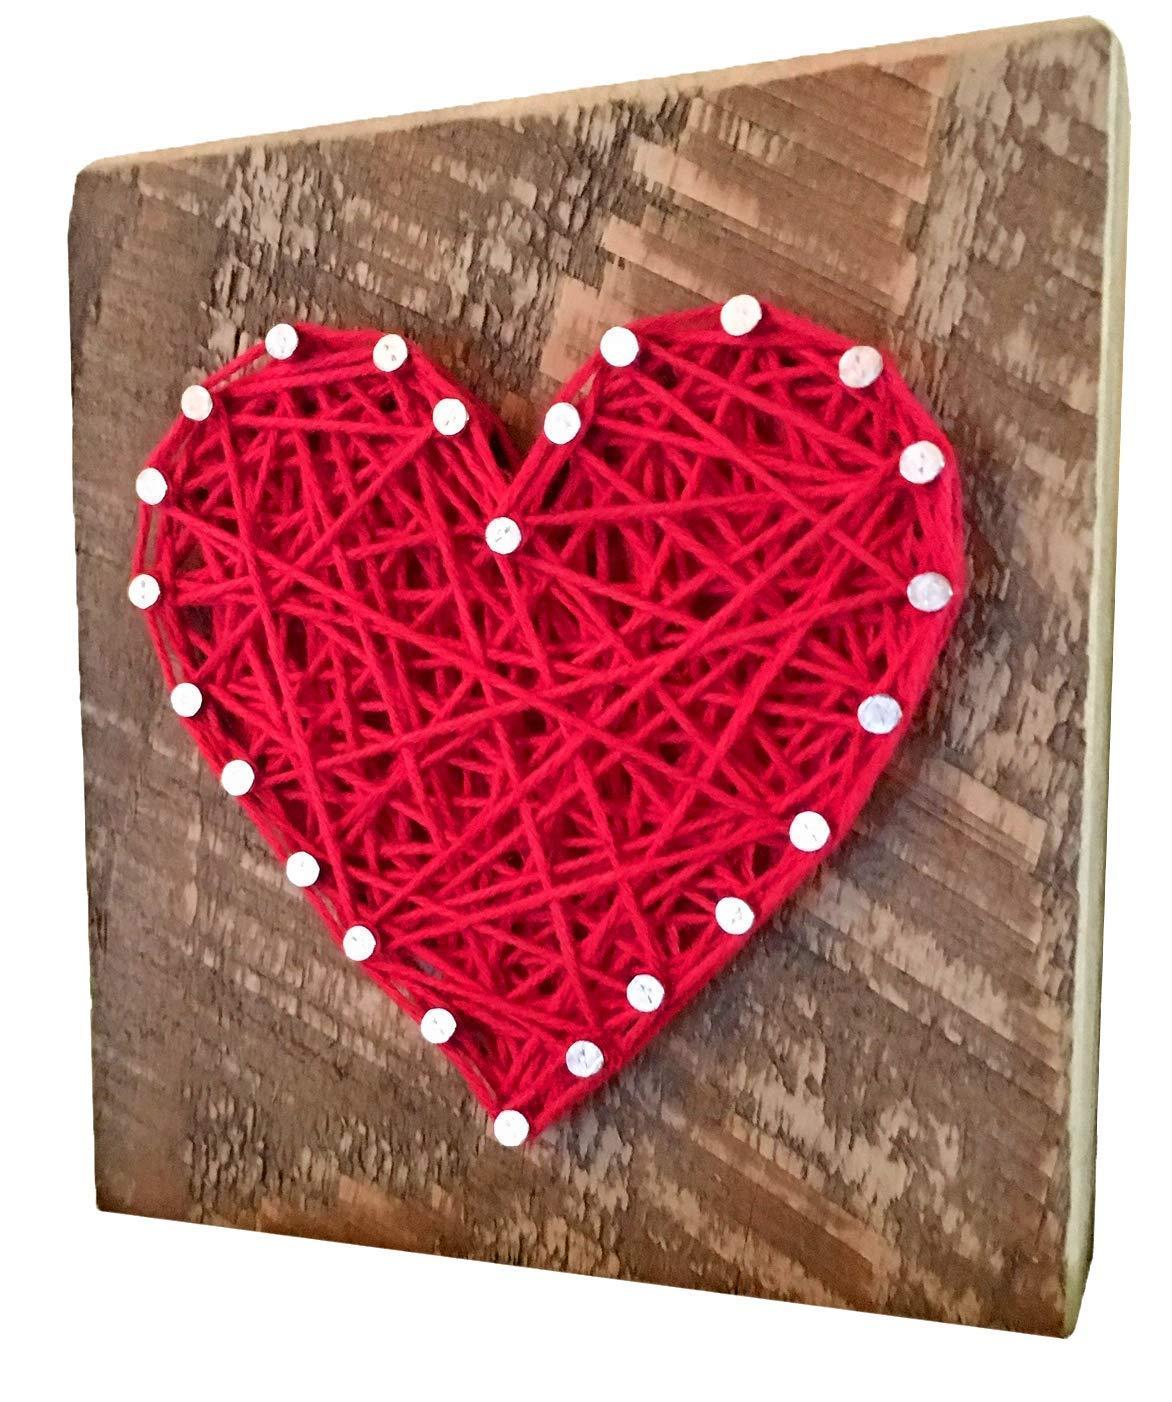 발렌타인 데이를 위한 하트 스트링 아트 사인 기프트. 그를 위해 선물 그녀의 아내 남편과 아이들. 독특한 발렌타인 데이 선물. 나는 당신이 키트가 아닌 선물을 사랑 해요